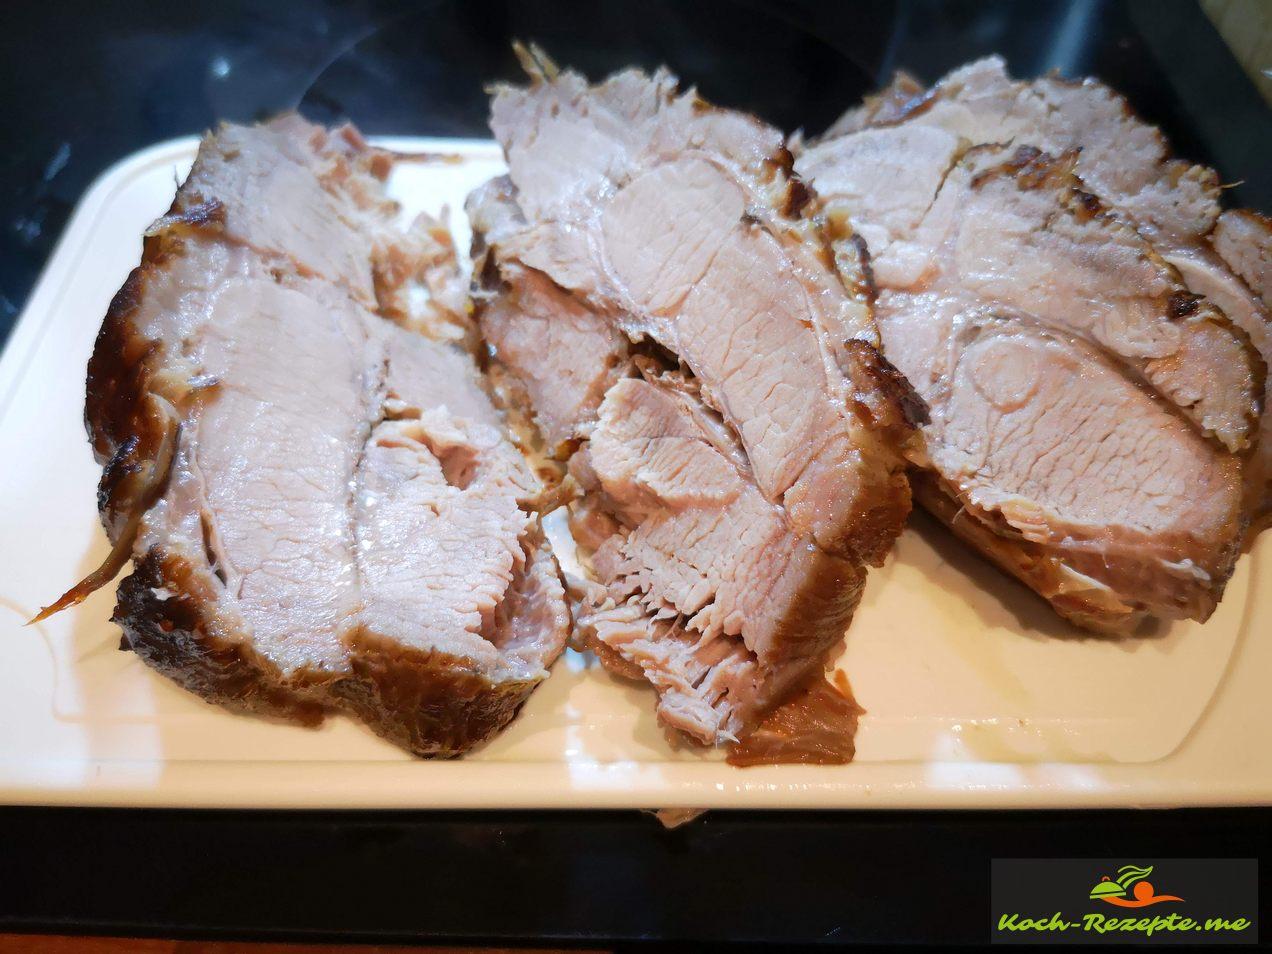 Rheinischer Sauerbraten, Rezept vom Schweinenackensteak niederrheinische Art, in Scheiben schneiden